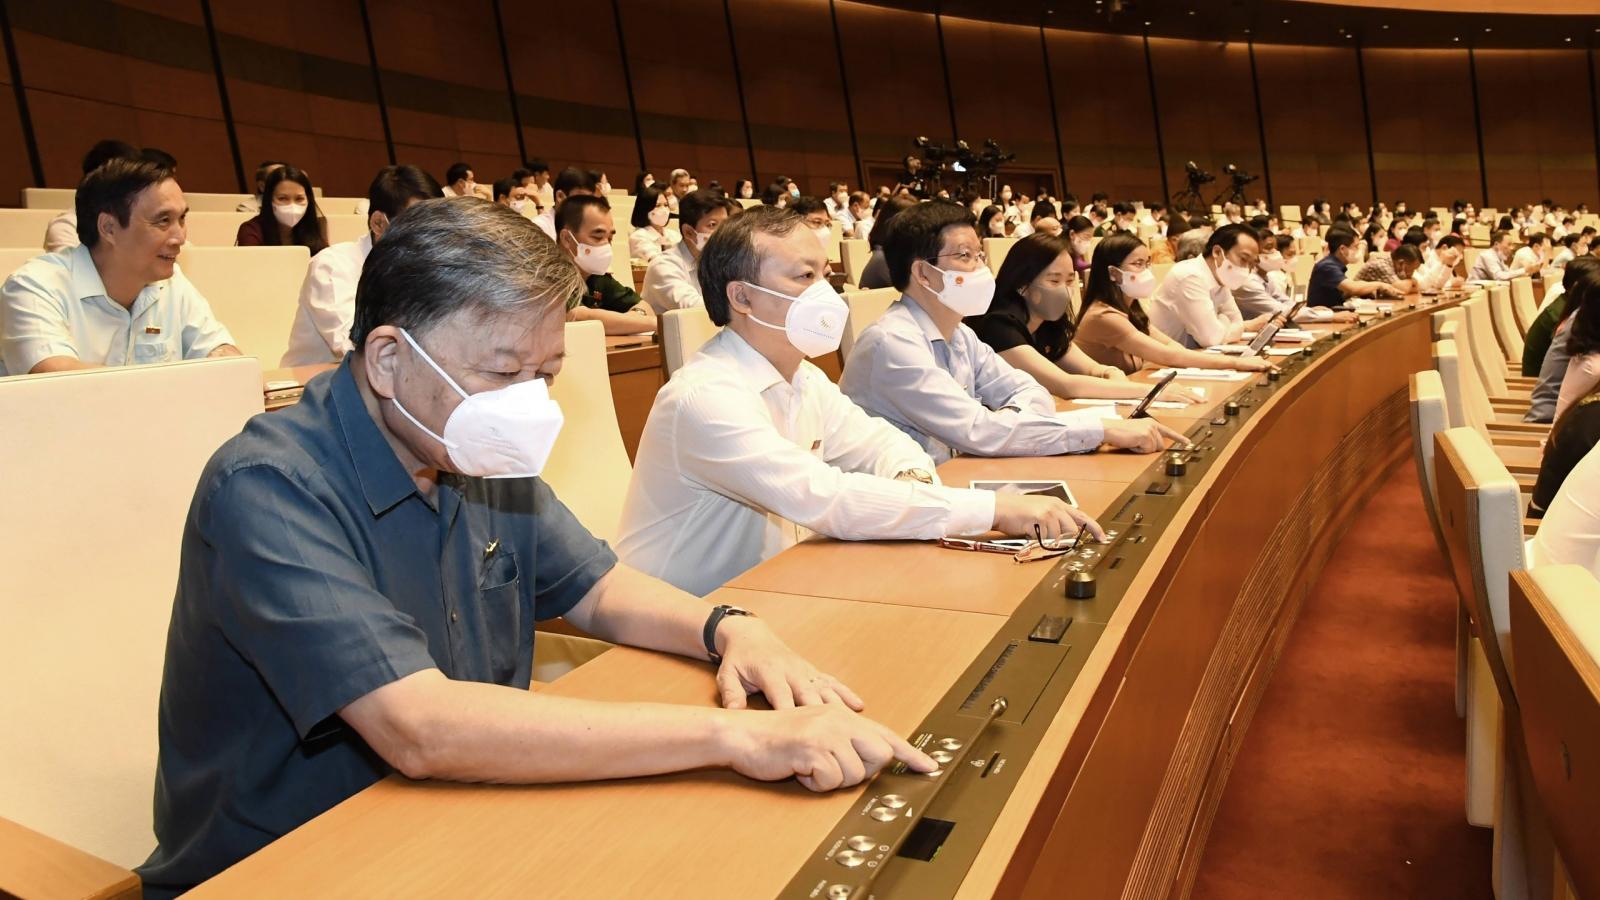 Quốc hội đồng ý trao cơ chế đặc biệt để Chính phủ và Thủ tướng chống dịch